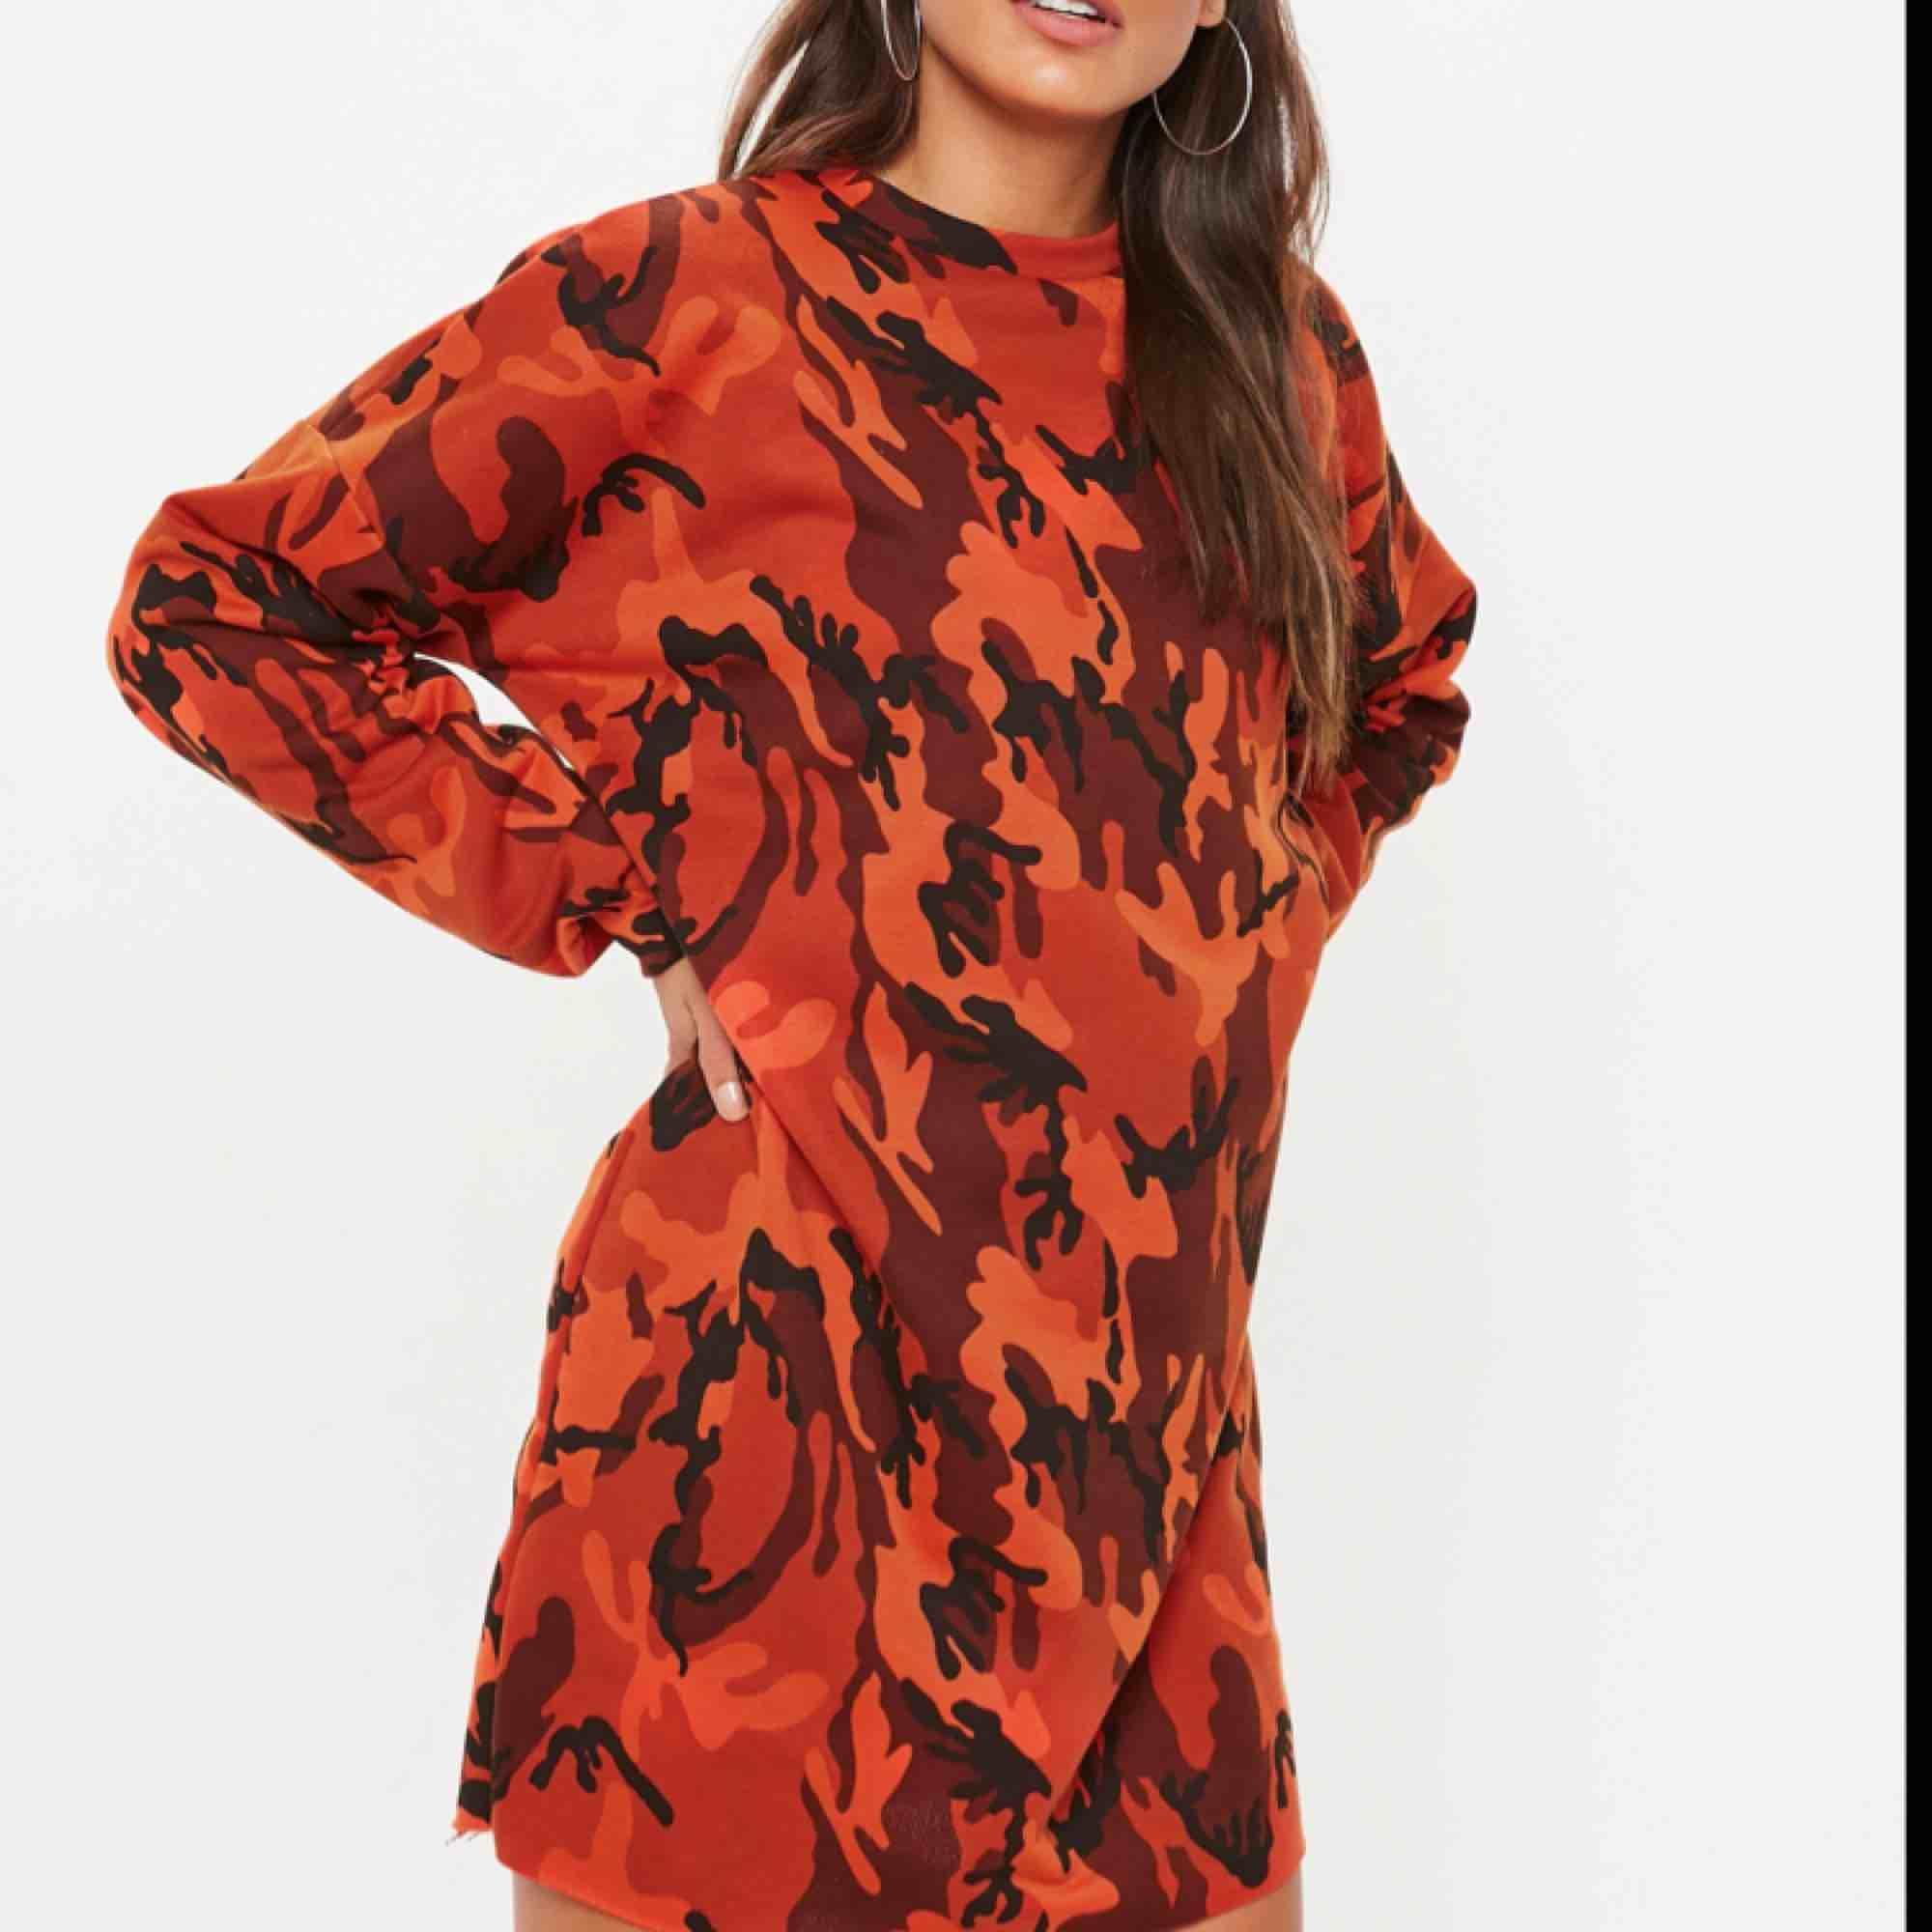 Snygg lång tröja/klänning i camo, orange i färgen och rå kant. Storlek Medium, lite oversize och helt ny endast testad, köparen står för frakt, har swish ✨ notera att halsen har rå kant . Huvtröjor & Träningströjor.